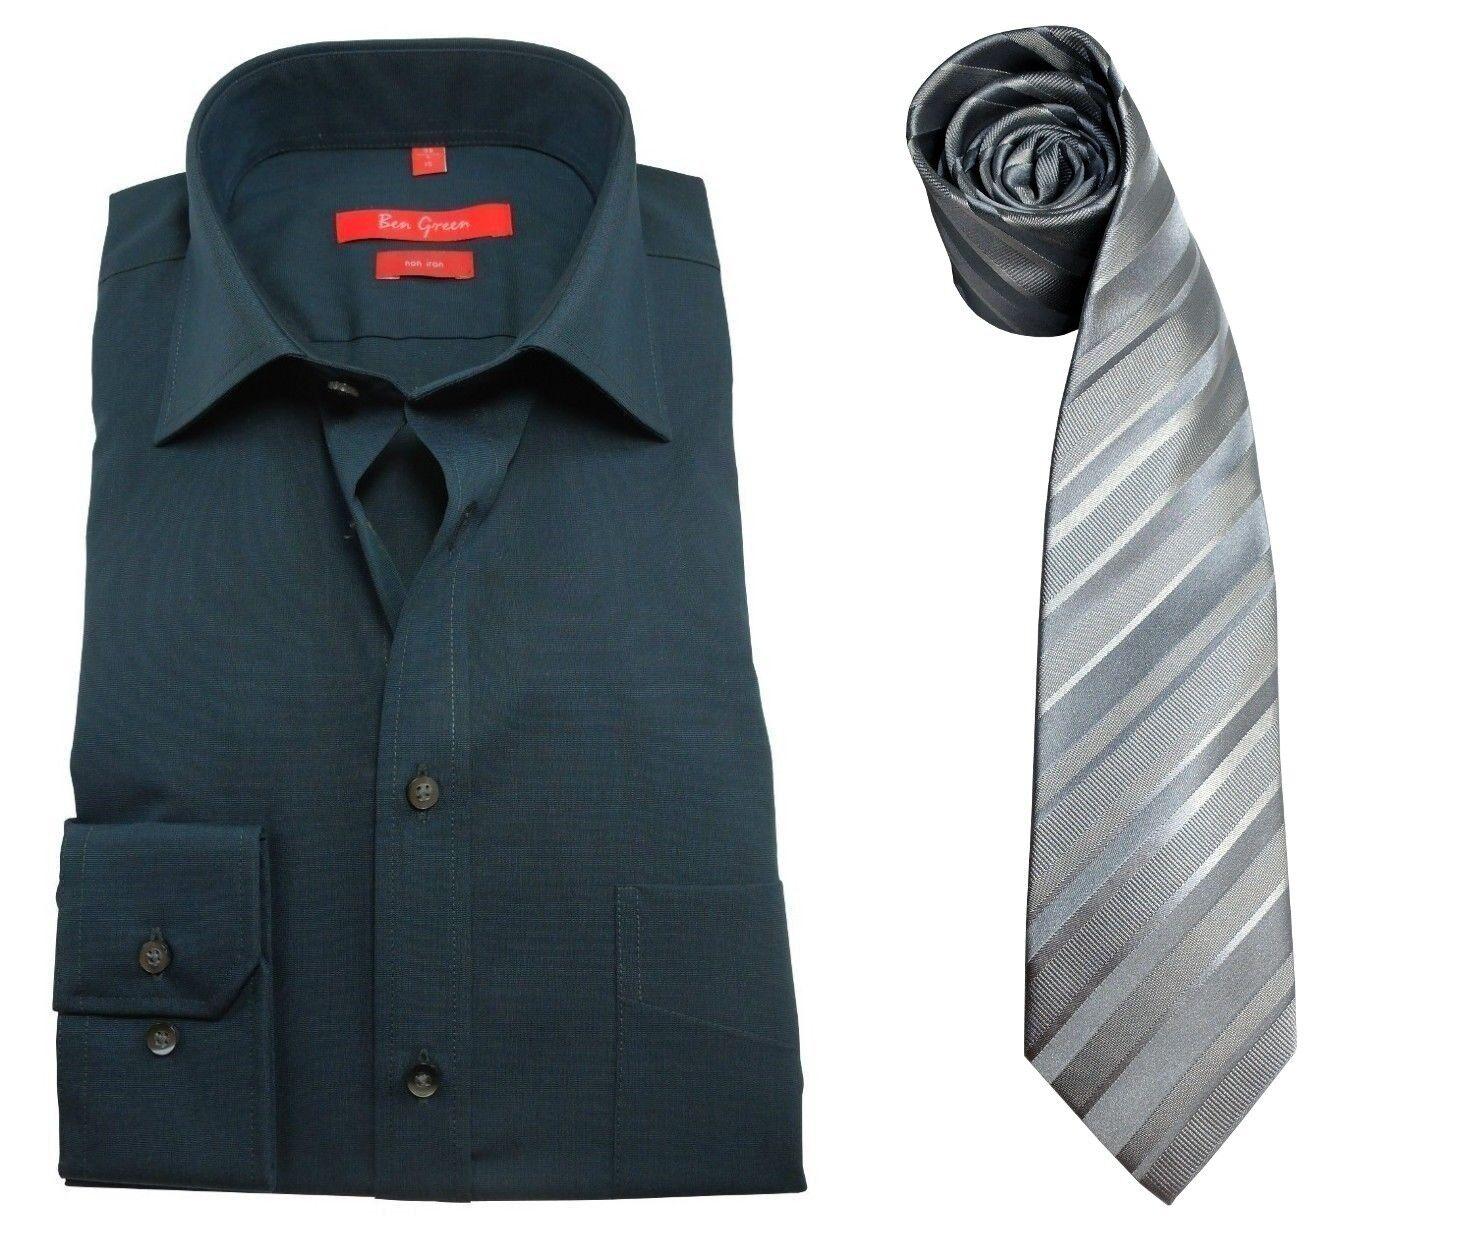 ANGEBOT Ben Green Redline Regular Fit Langarmhemd petrol Gr. 38 + Seidenkrawatte